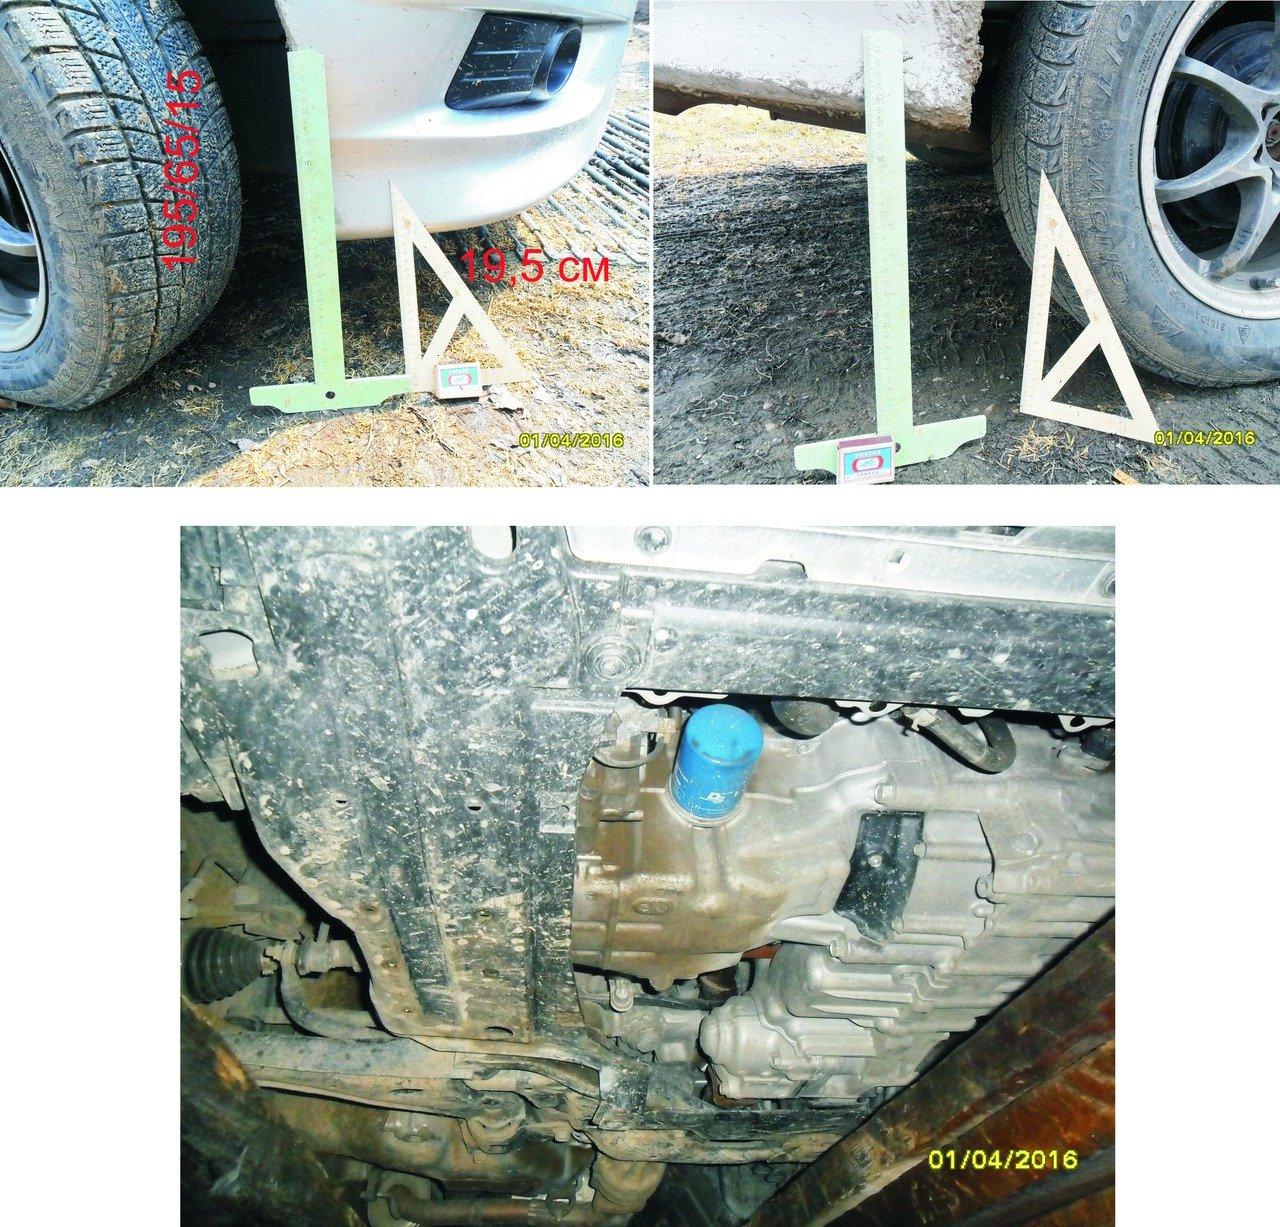 инструкция по эксплуатации автомобиля хонда аирвейв 2006 г